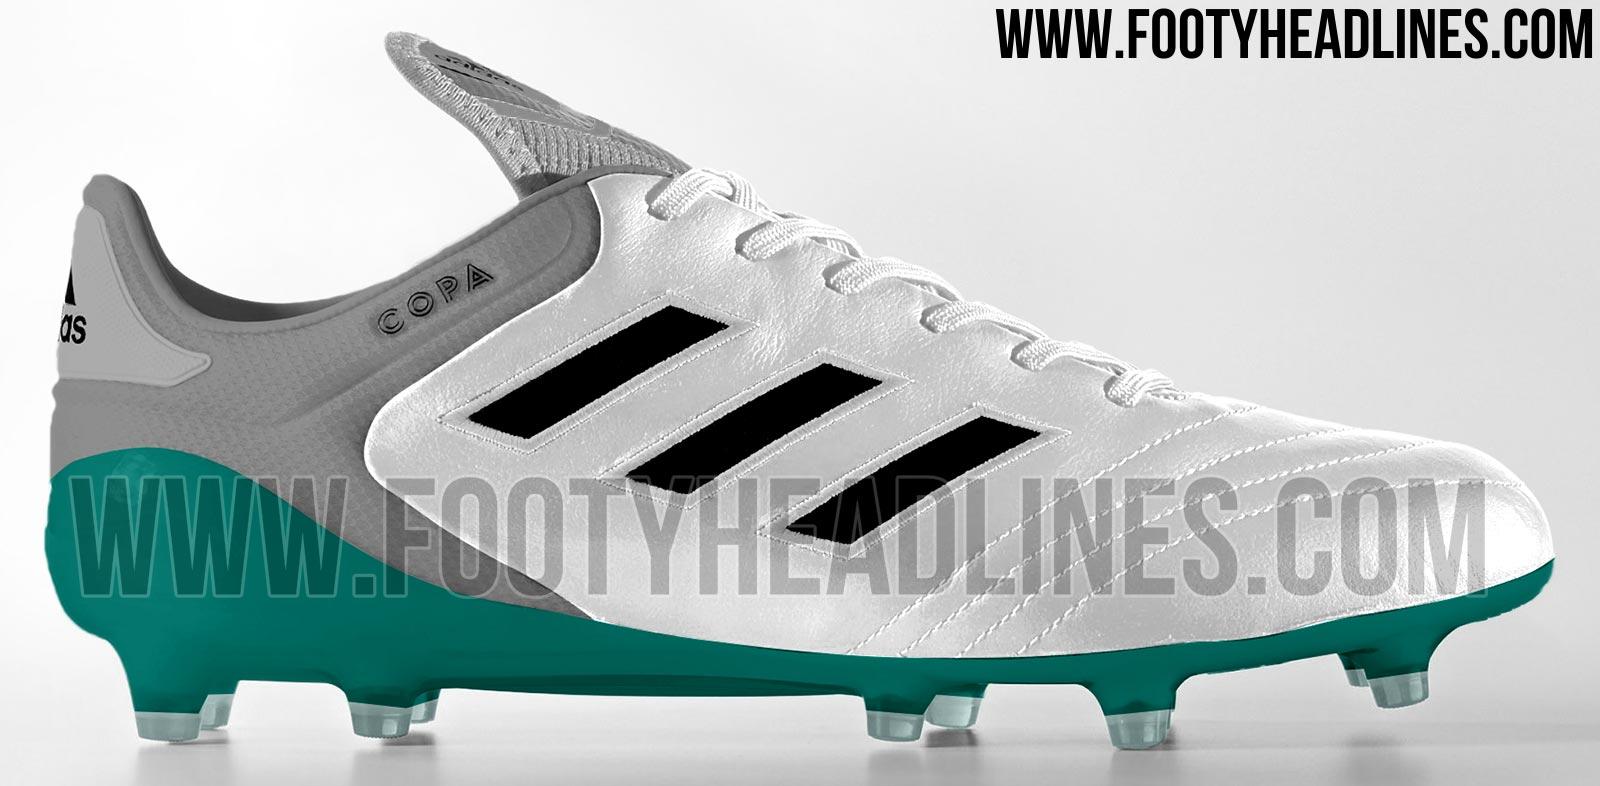 brand new 02f9d 13ce7 les chaussures de football Adidas Nemeziz sera le troisième silo sans  lacets. Messi aura sa version signature de Nemeziz similaire à ce qui est  fait ...